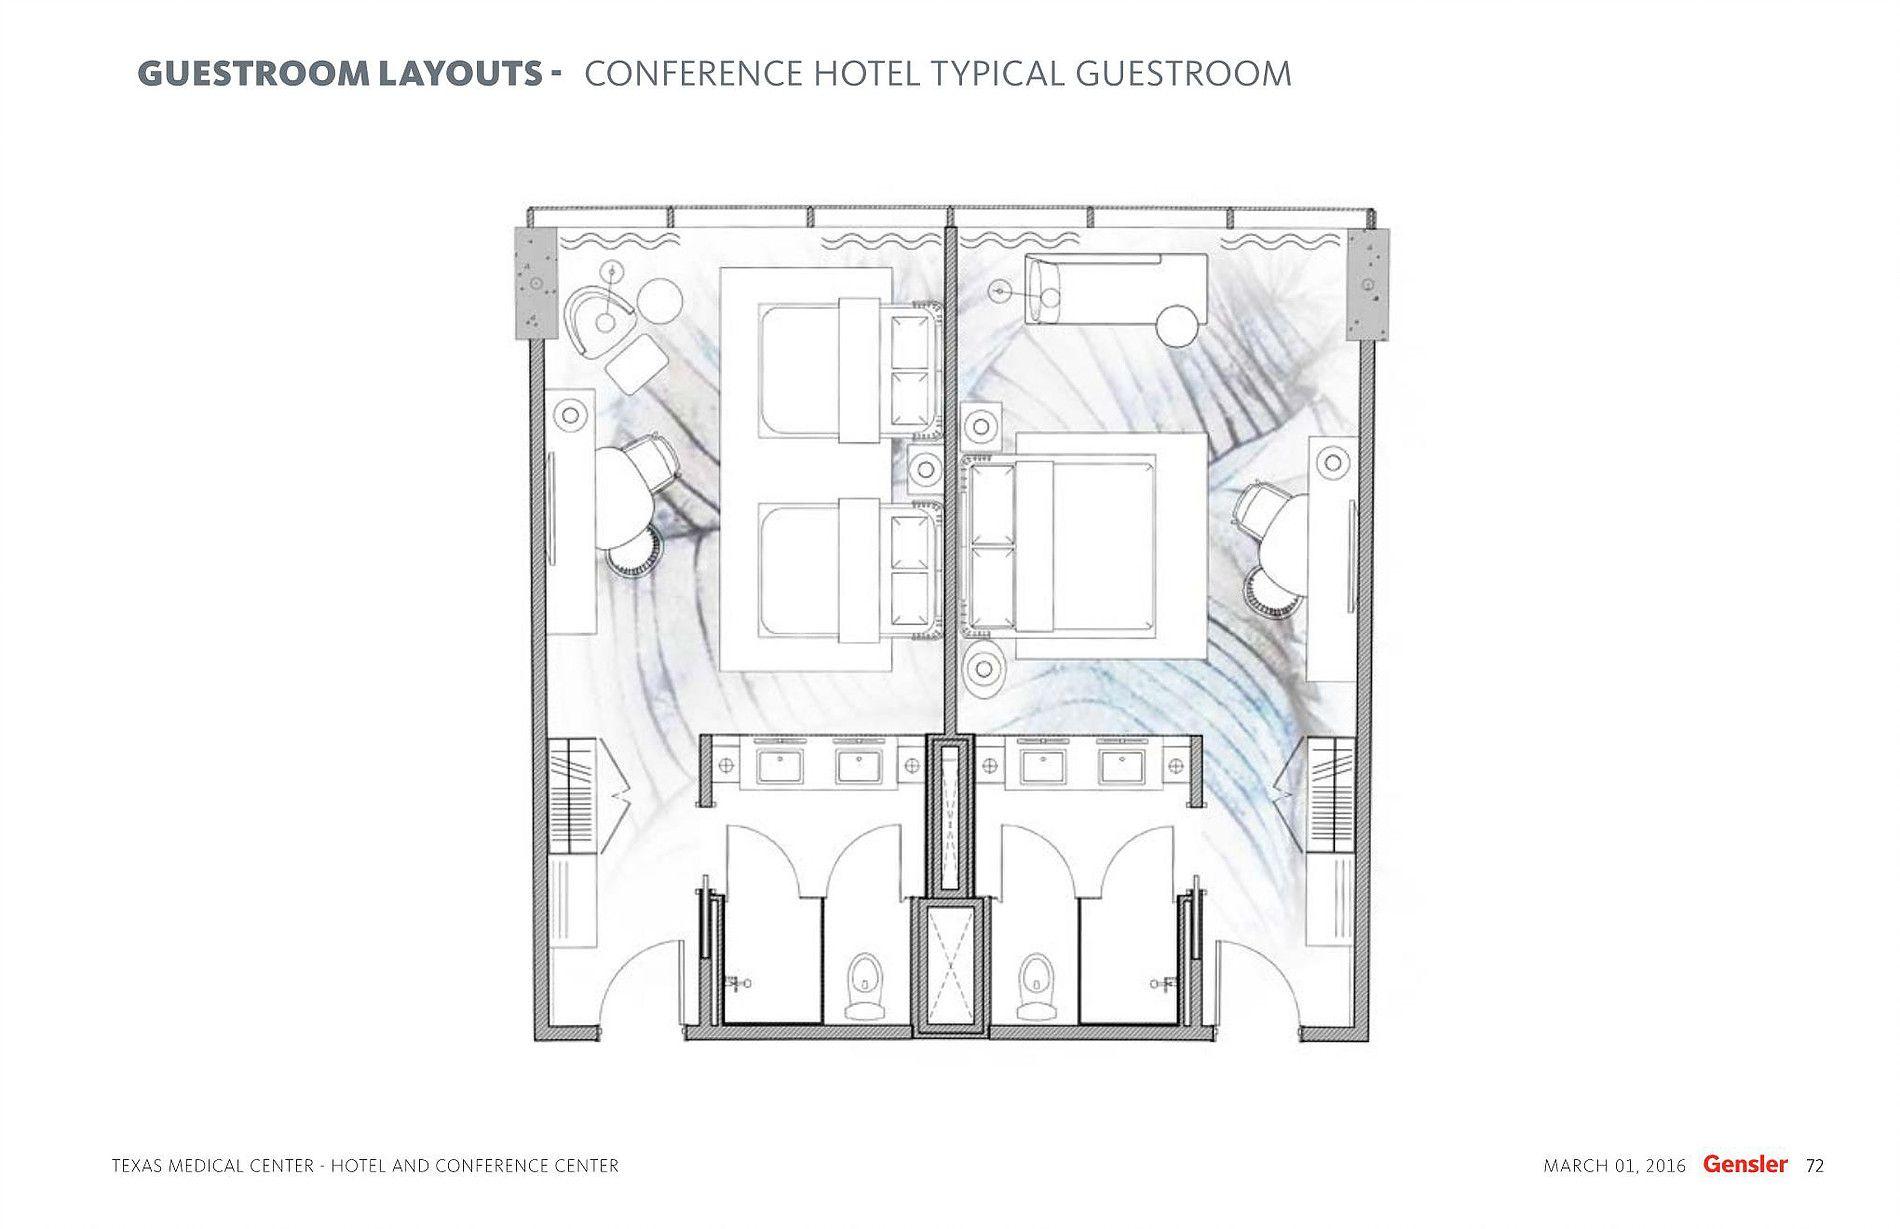 Tmc Hotel Typical Guestroom Plan Hotel Floor Hotel Hotel Floor Plan